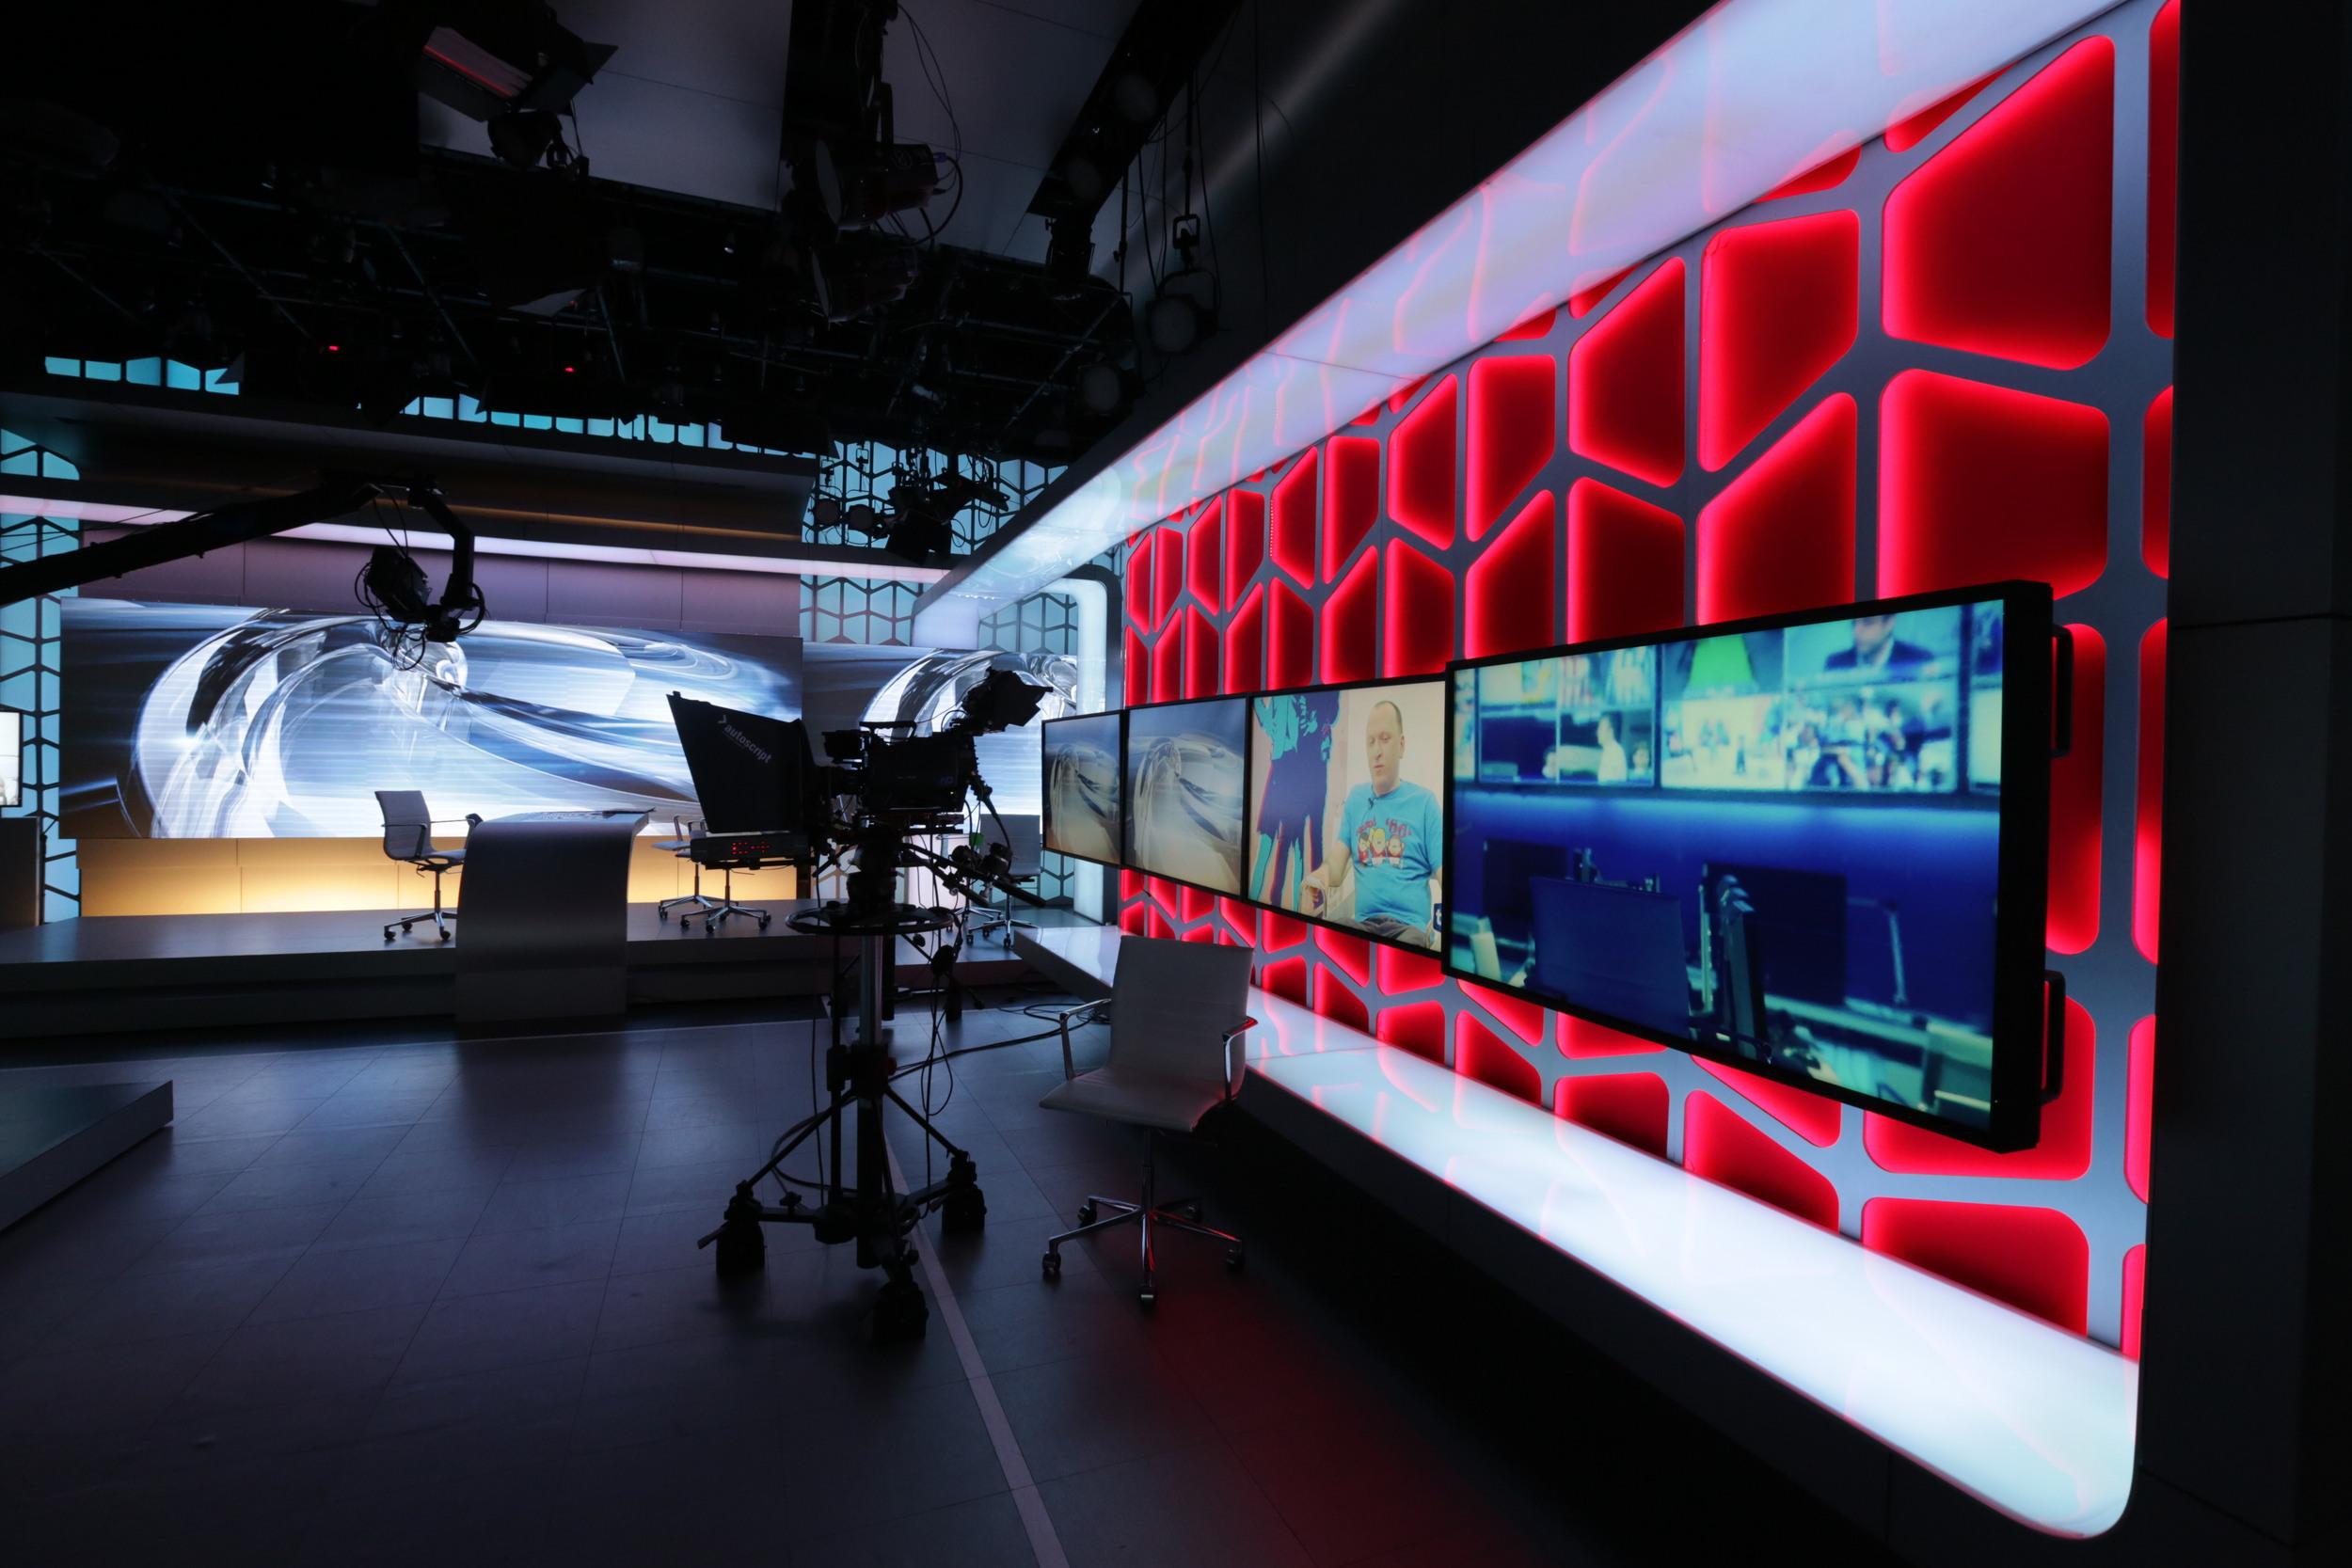 TV-9 HEADQUATERS & STUDIO